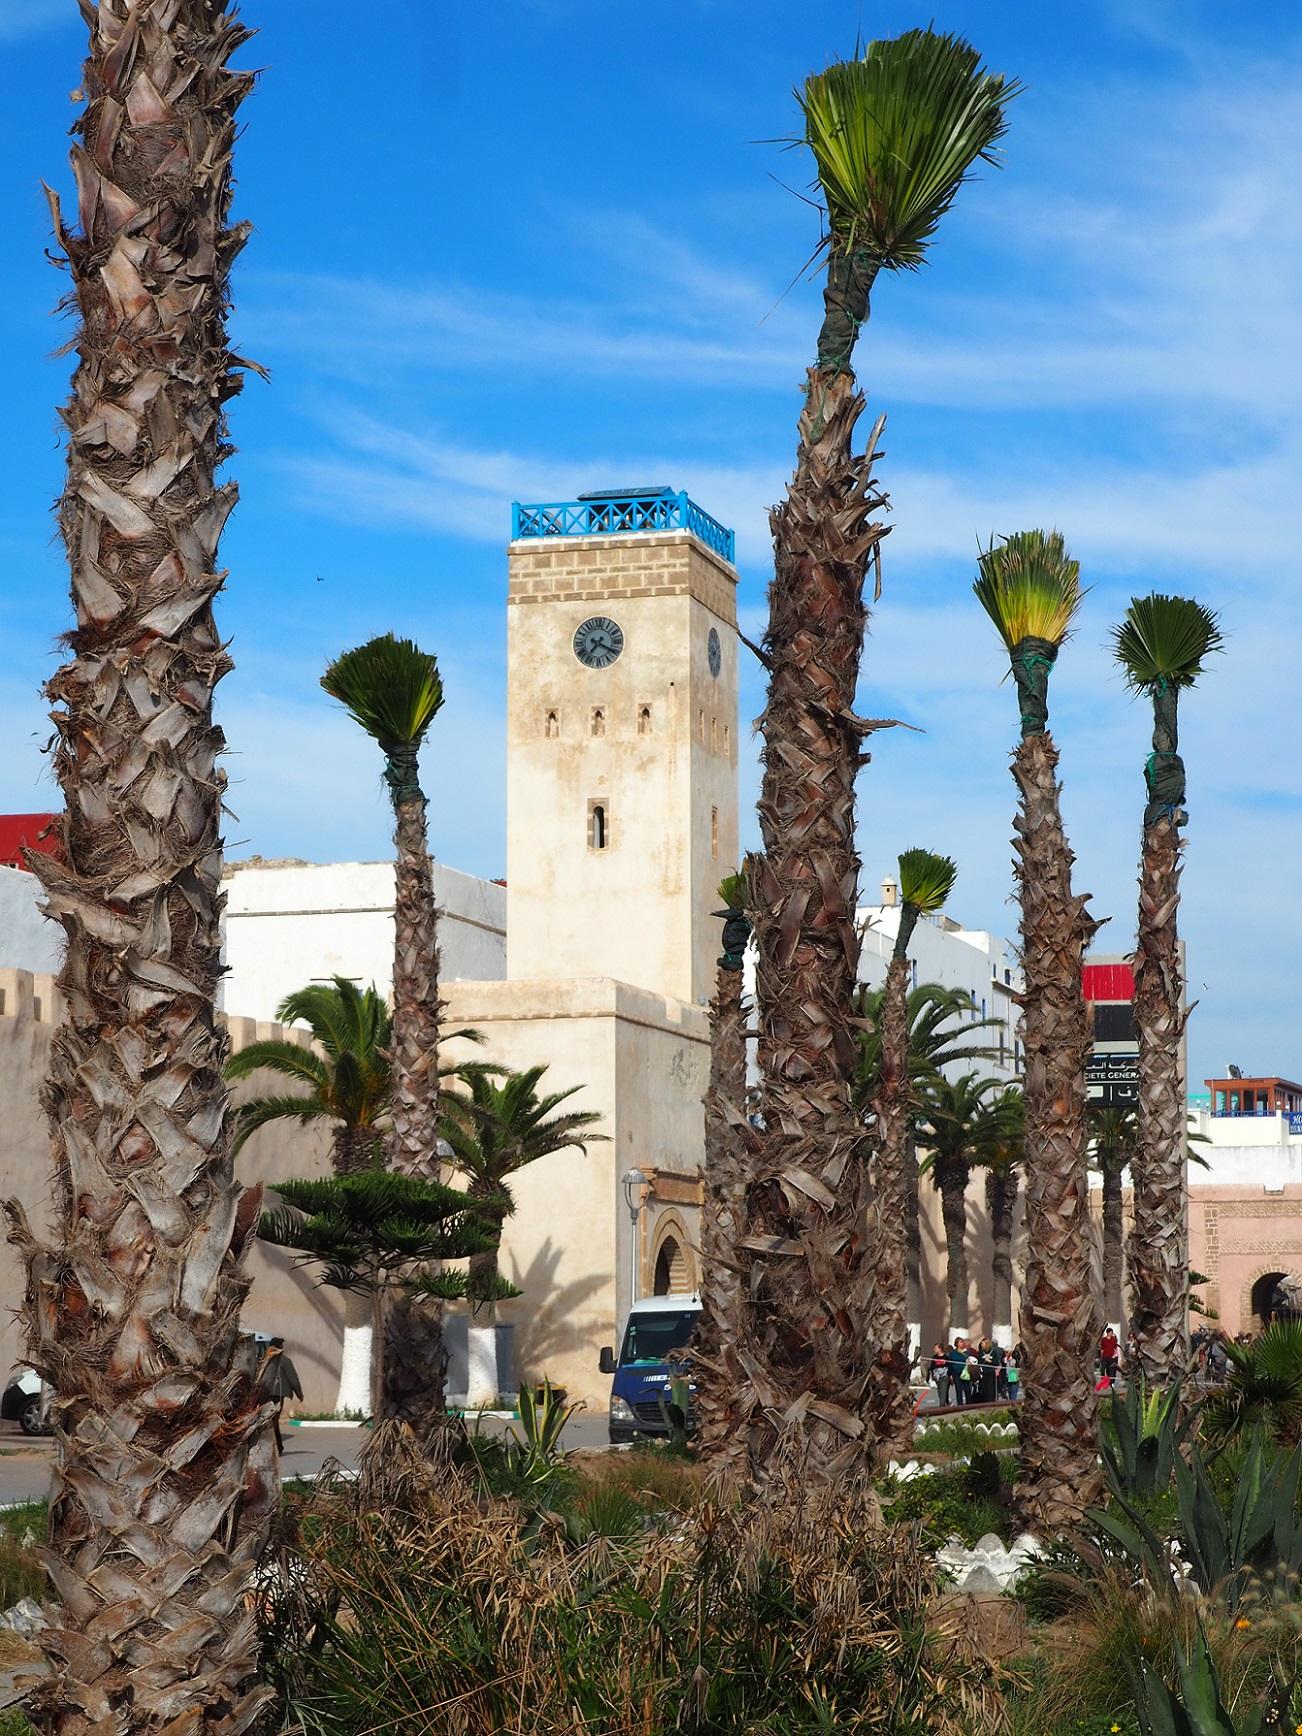 Vacances à Essaouira